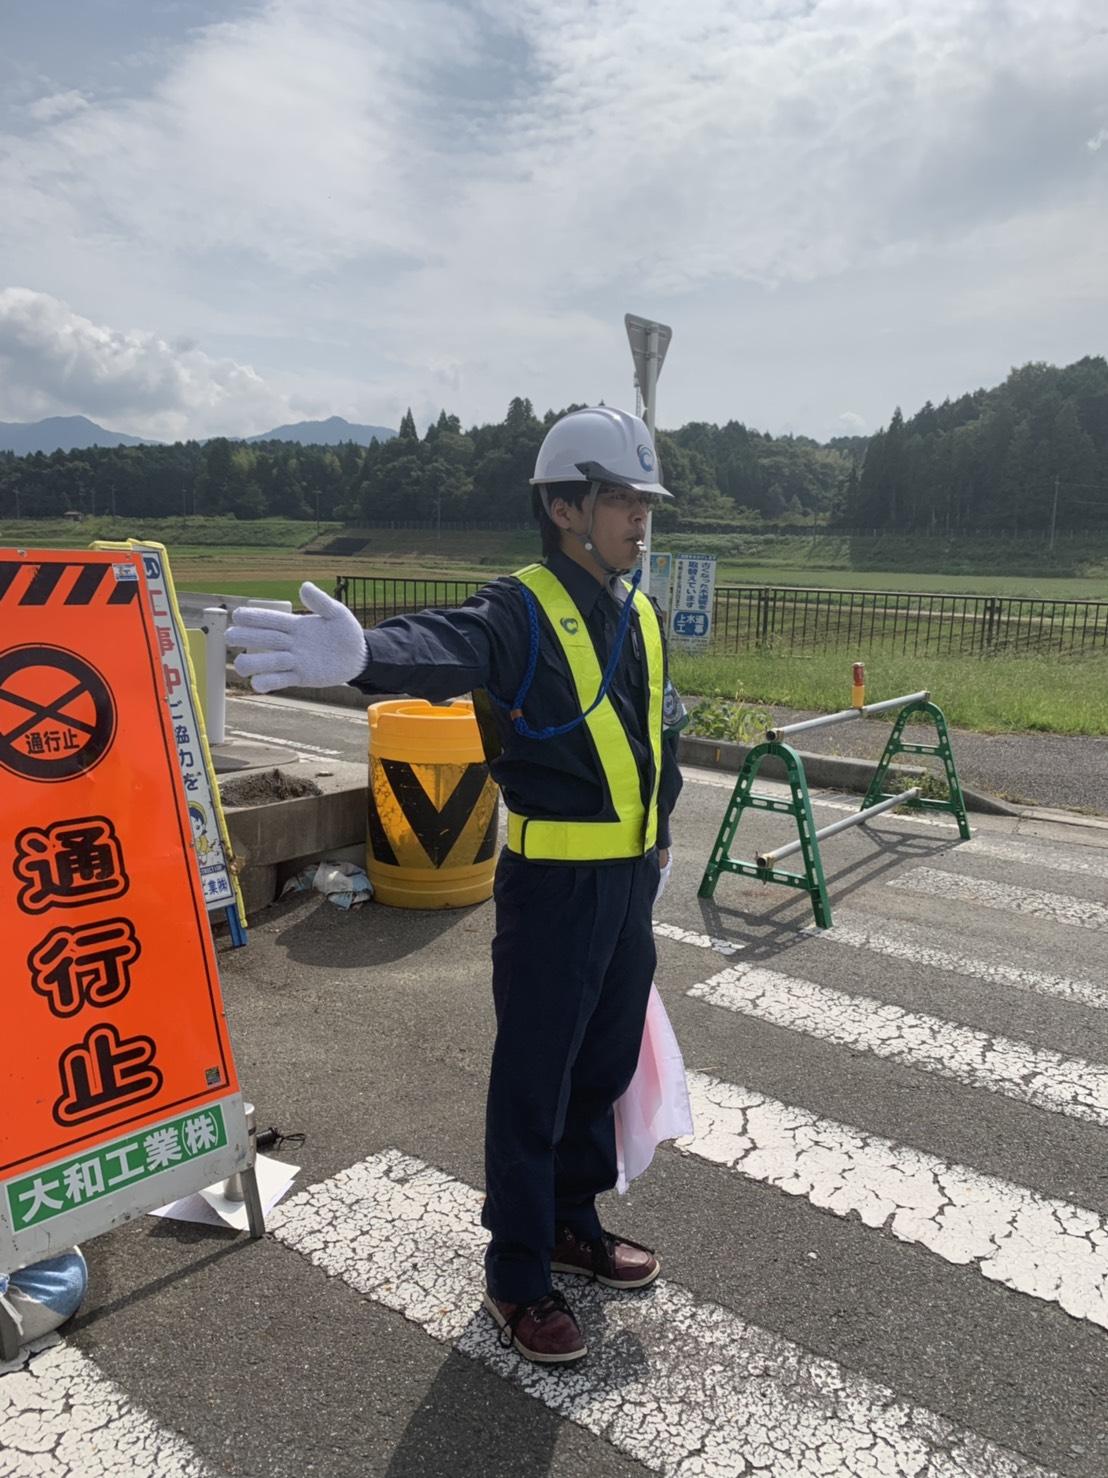 甲賀市本社にて、本日より新人警備スタッフさんの現場教育を開始しております。